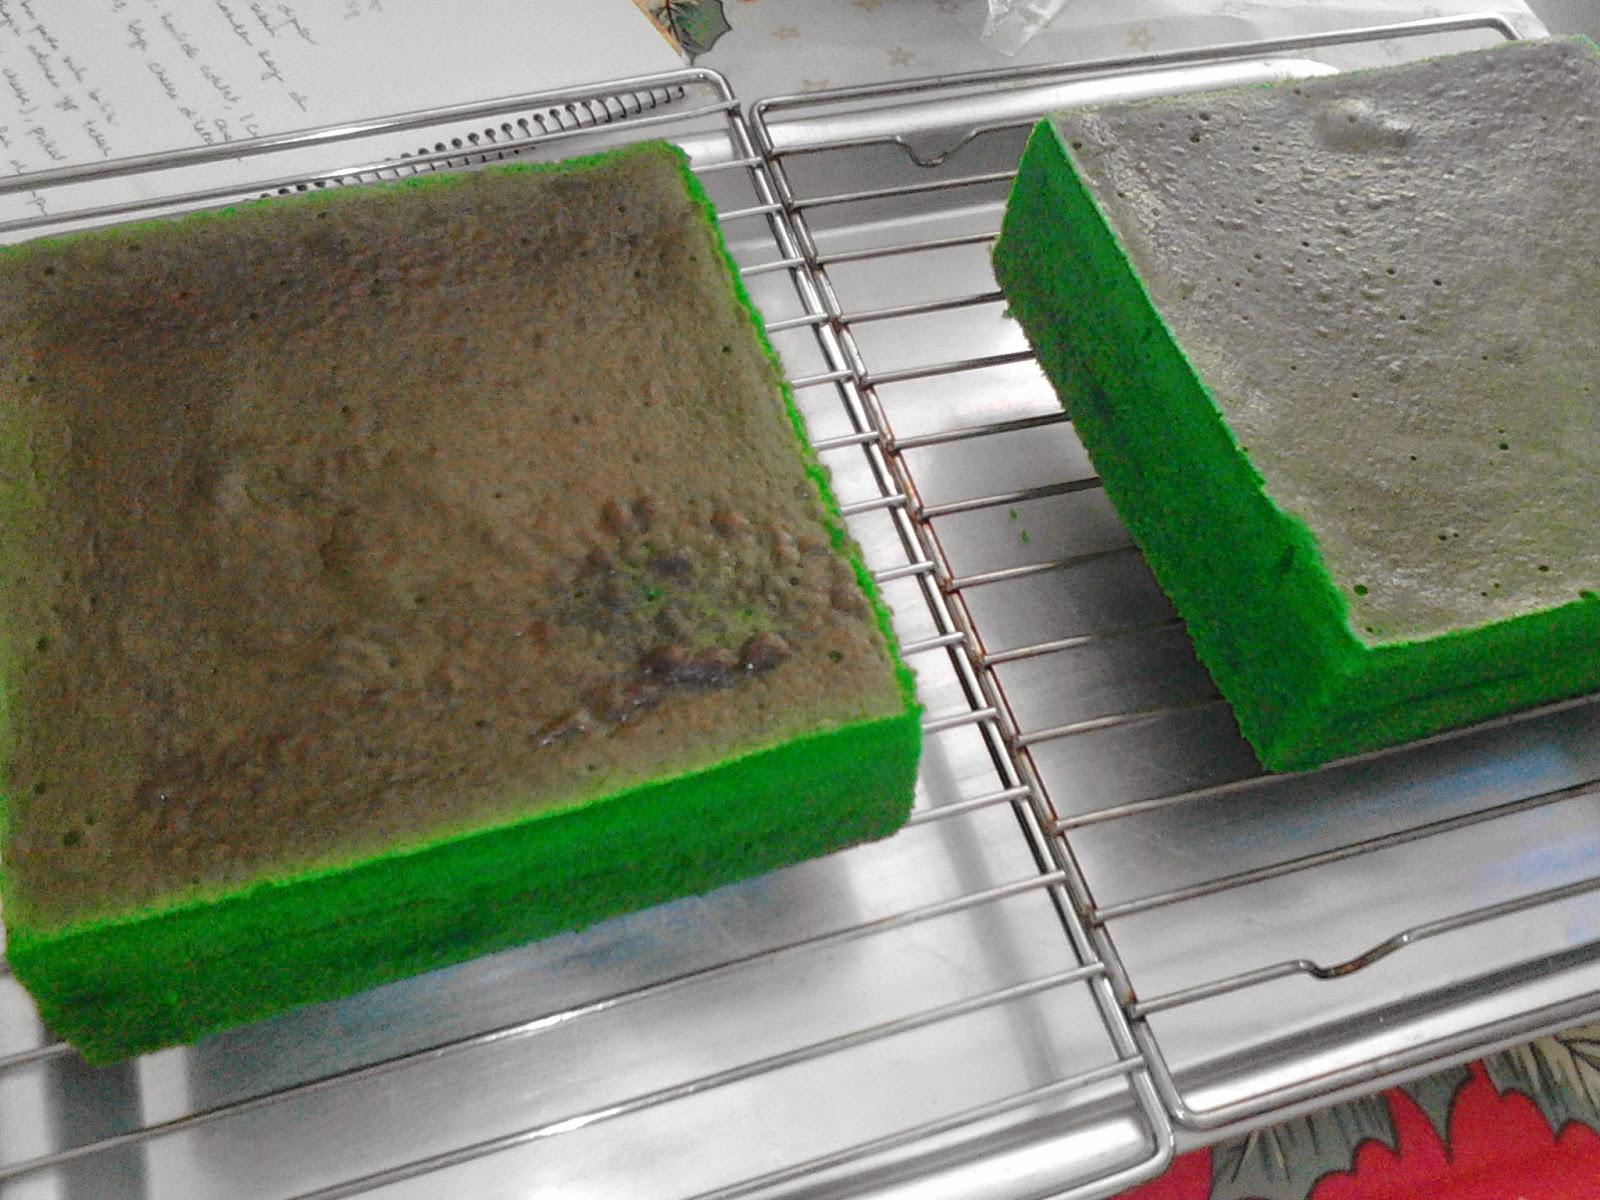 sarawak layered cake